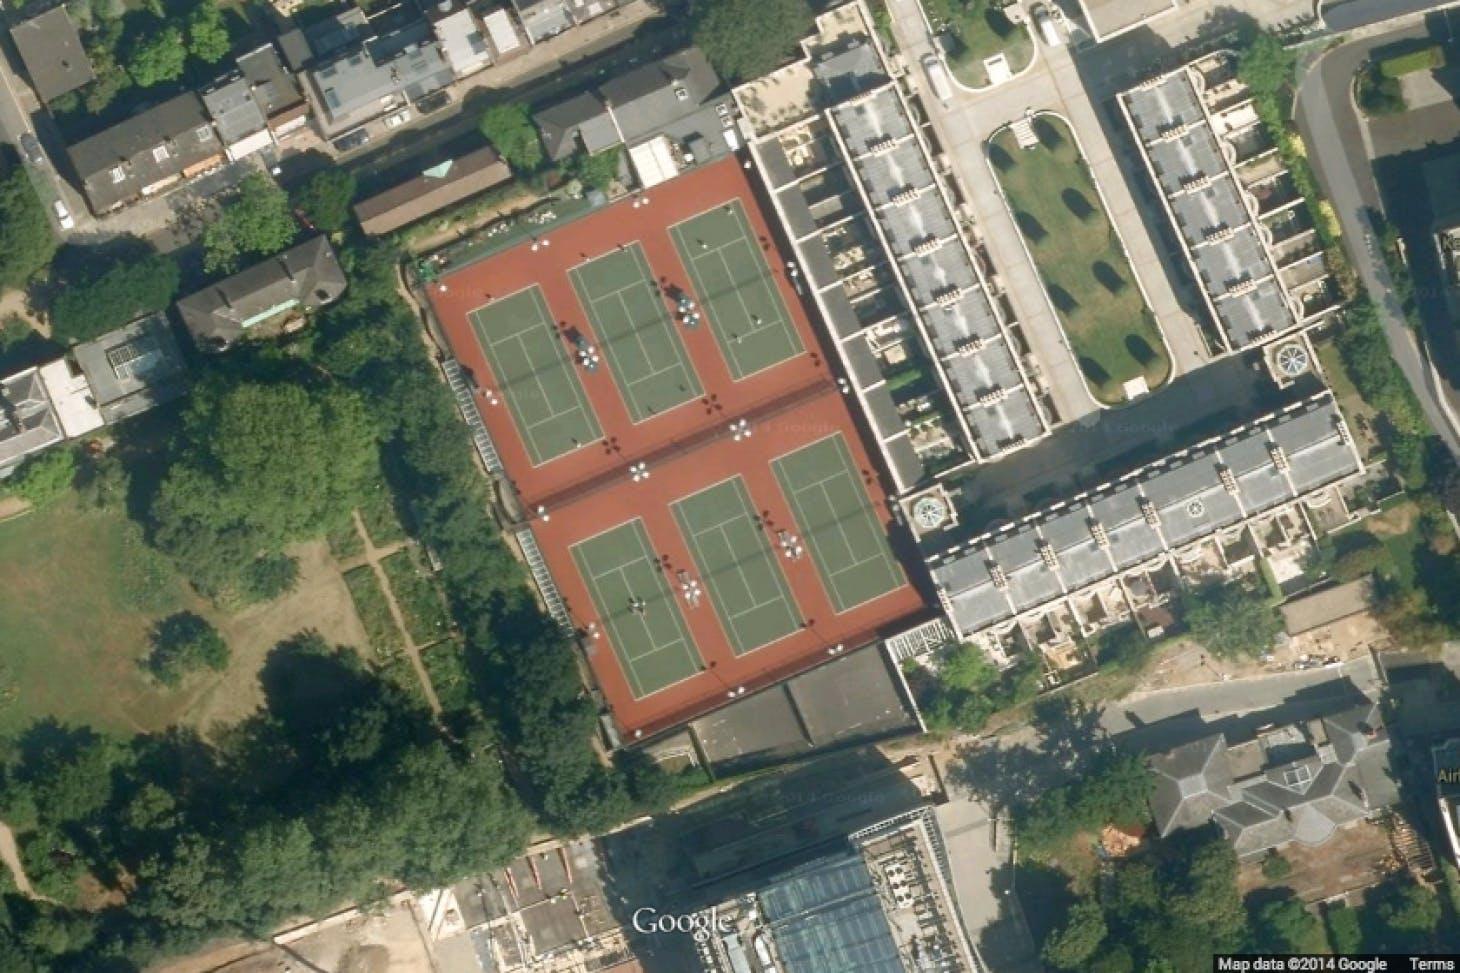 Campden Hill LTC Outdoor   Hard (macadam) tennis court